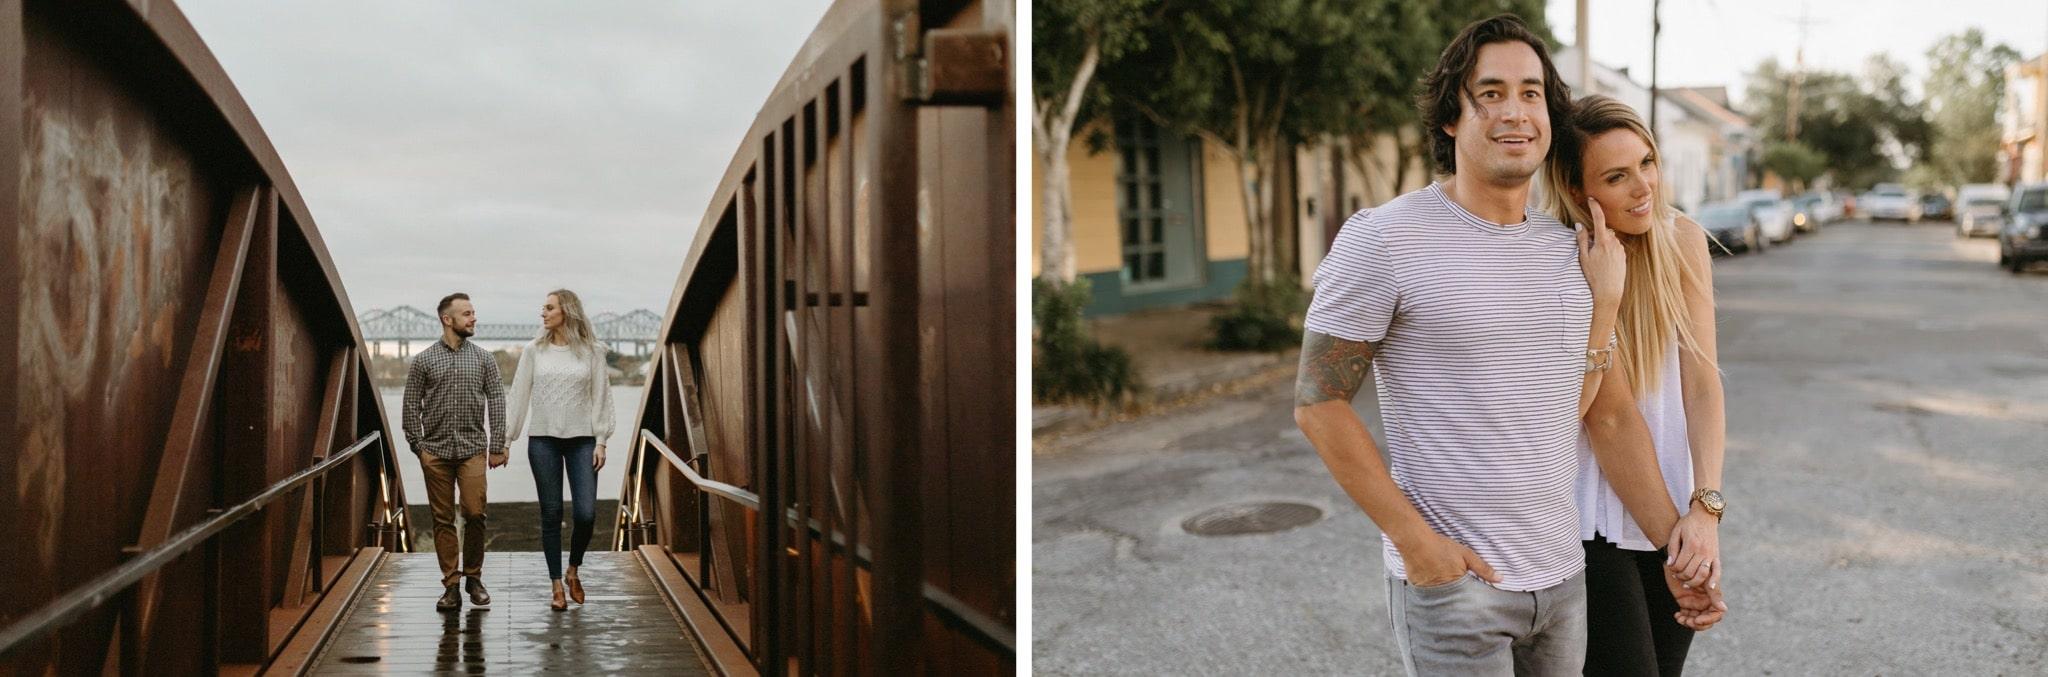 Best New Orleans Engagement Photo Spots